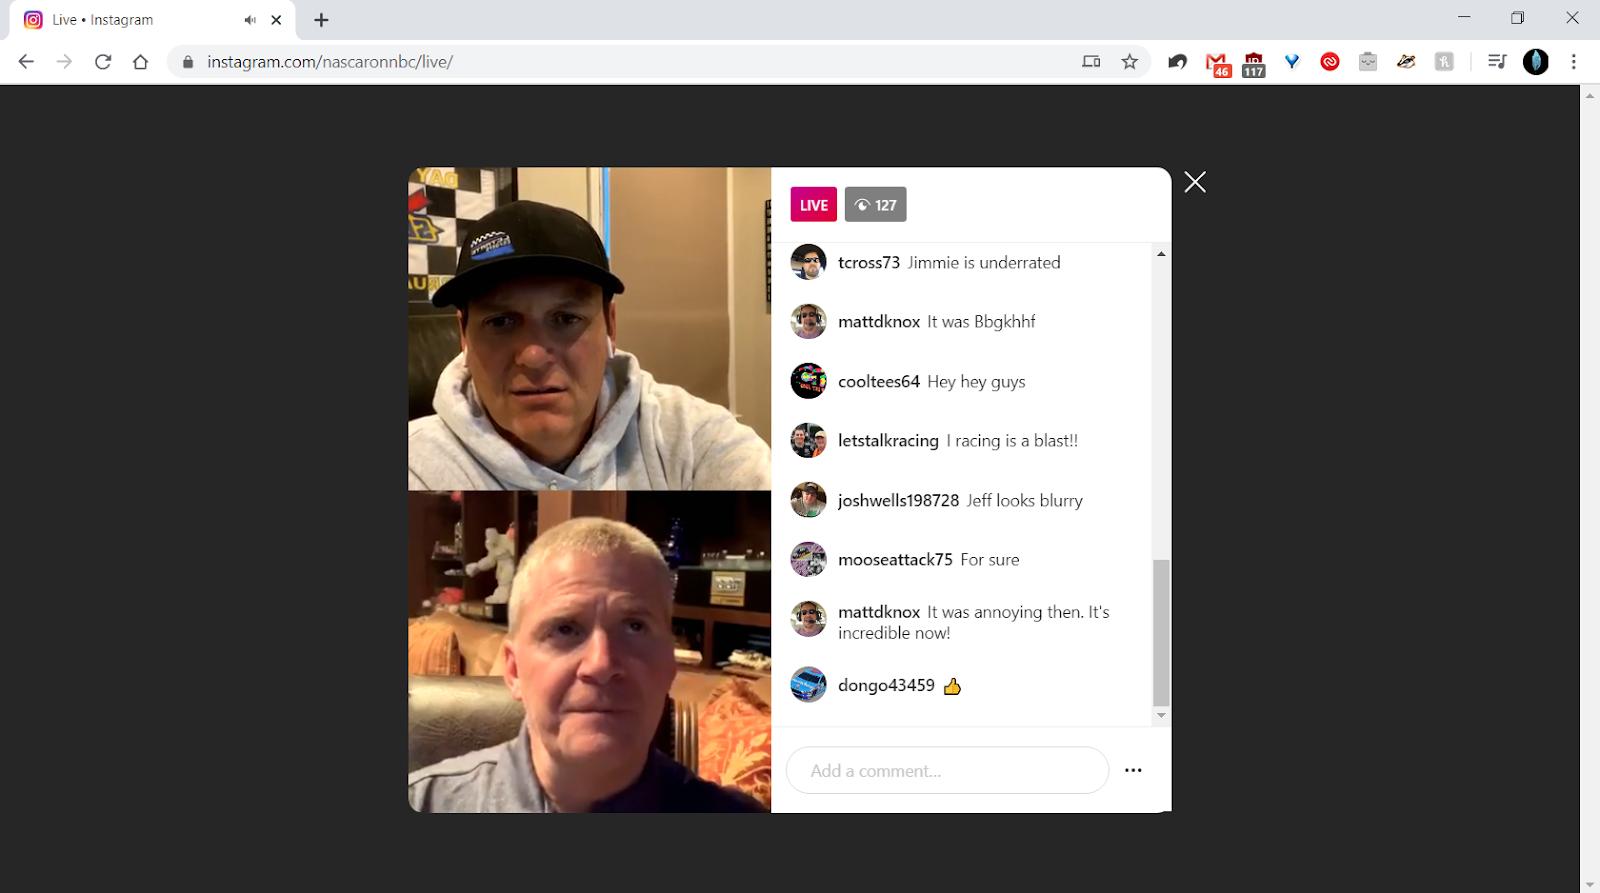 Dirette streaming di Instagram anche dal Web